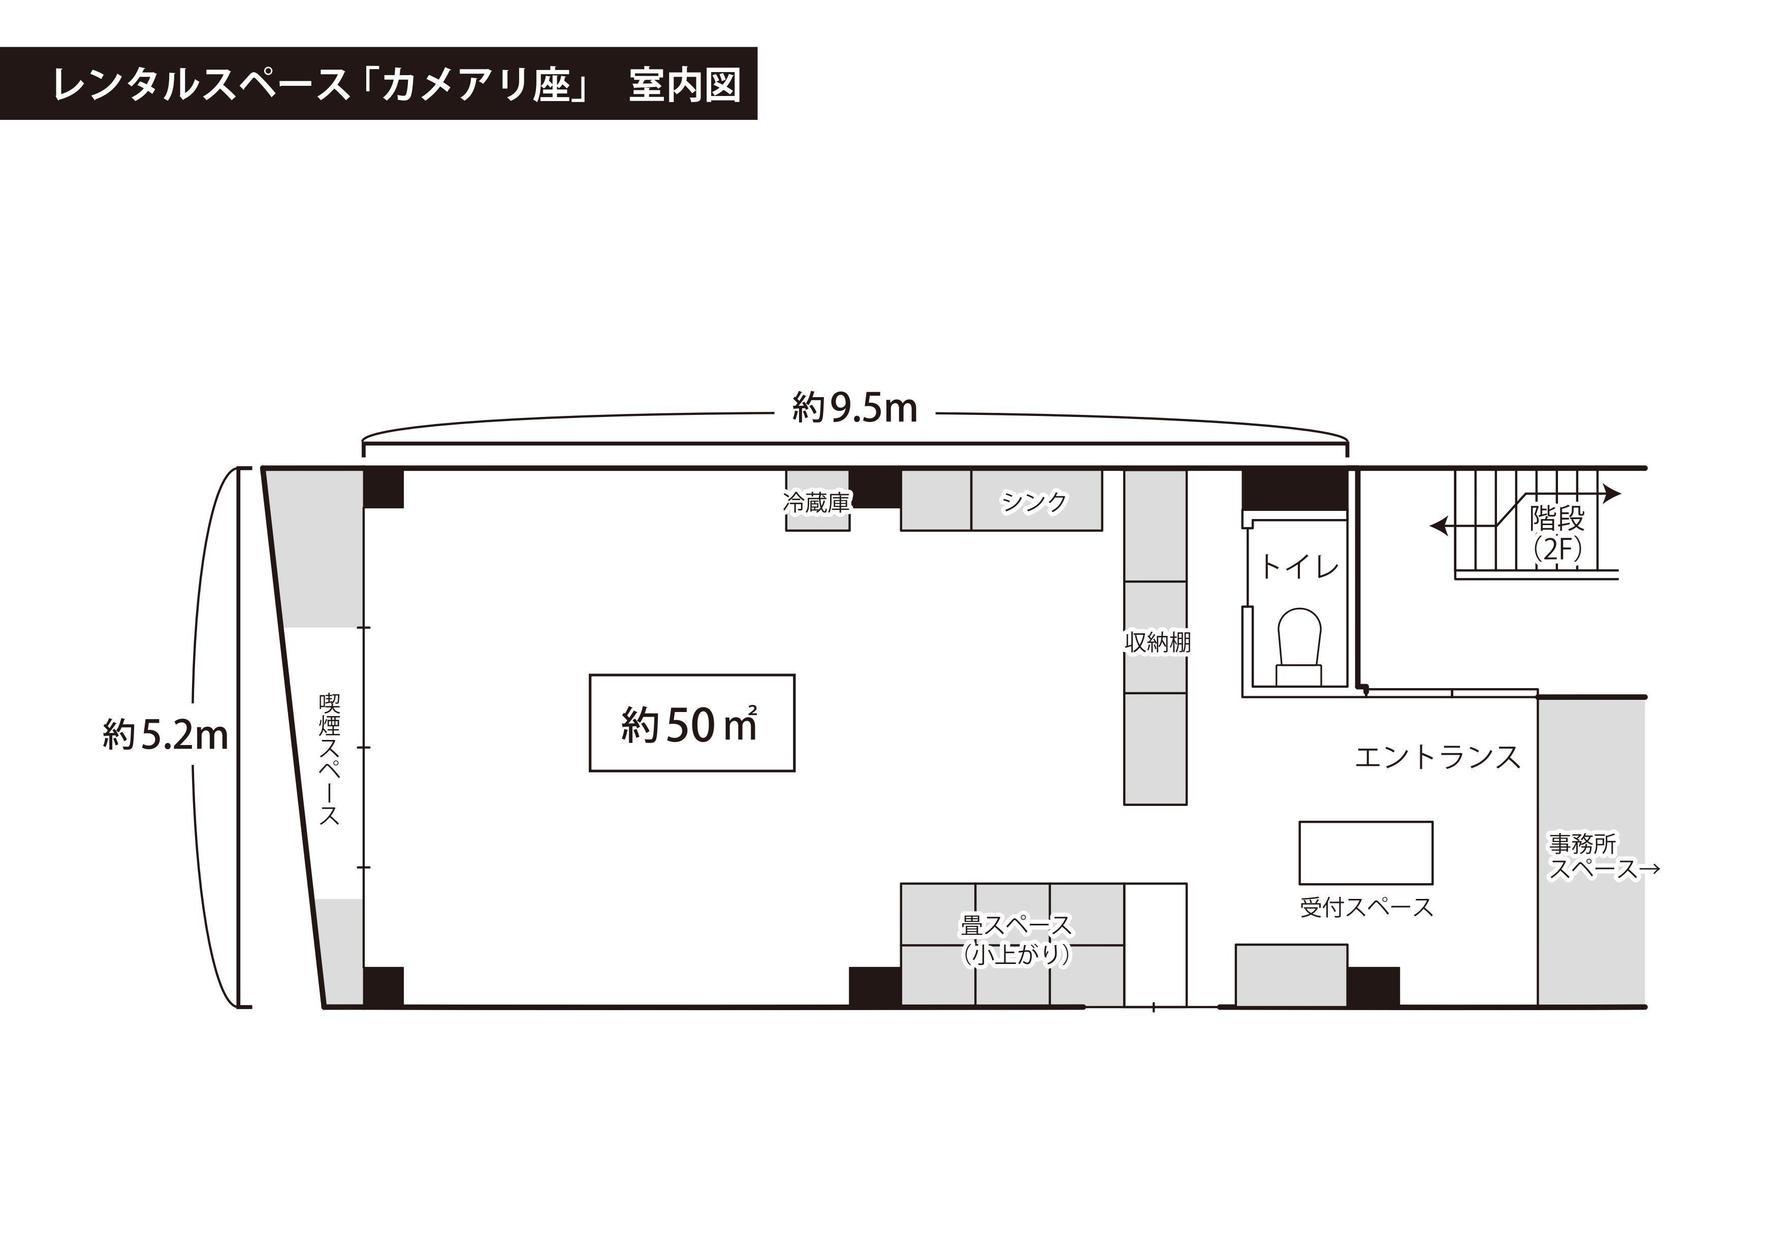 カメアリ座の間取りになります。 図面の収納棚より左側のスペースがご利用になれます。 図面右側の事務所スペースはお貸しできません。 トイレを含むエントランスは職員との共用になります。